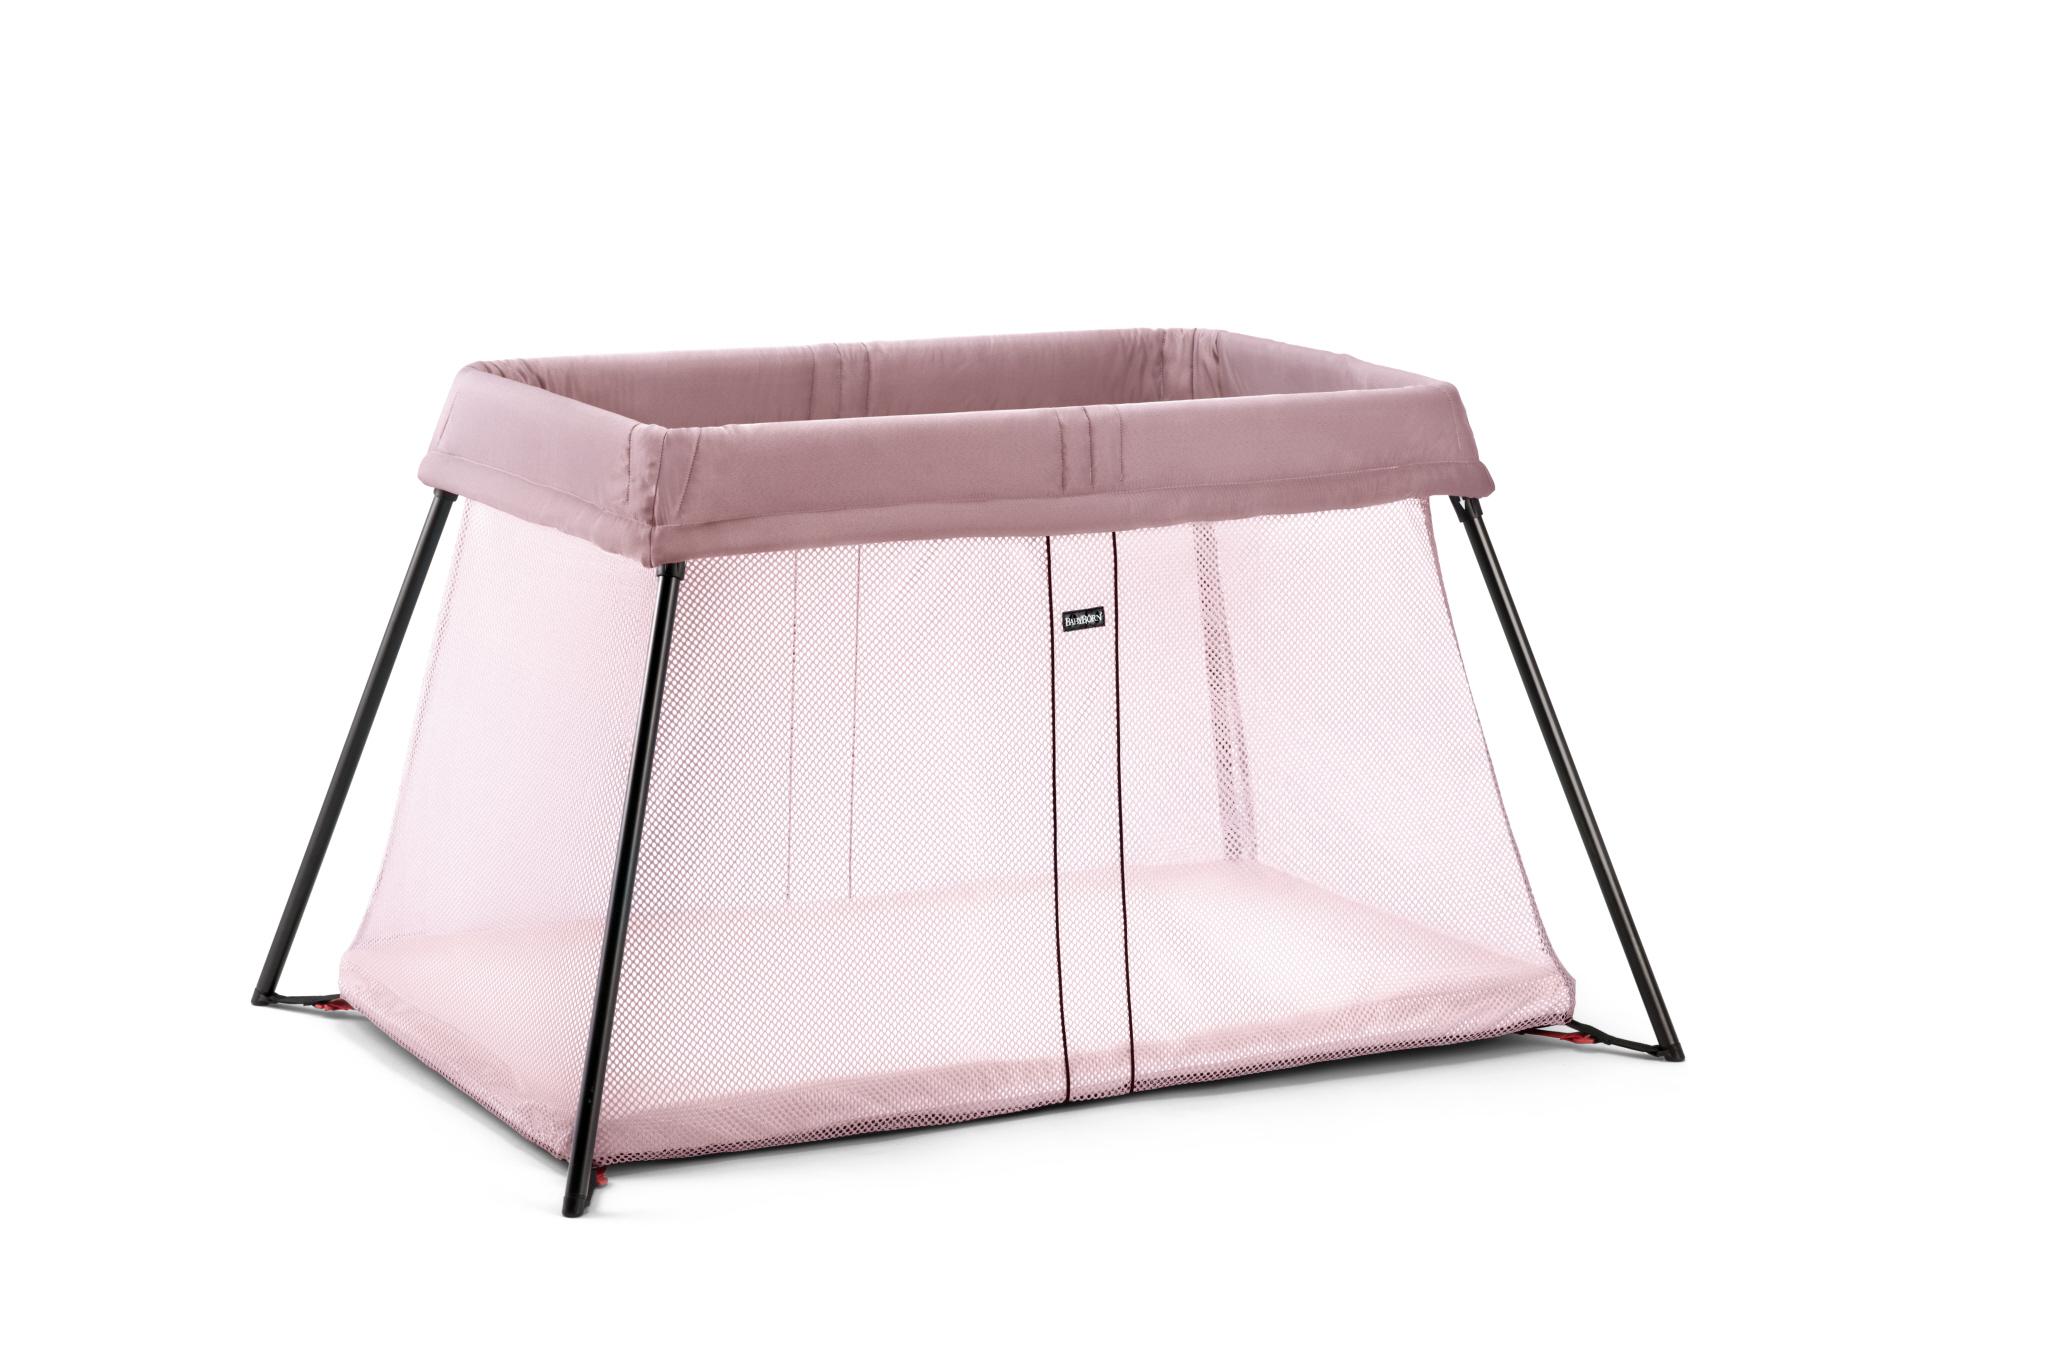 BabyBjörn cestovní postýlka Travel Crib Light Pink Doprava zdarma